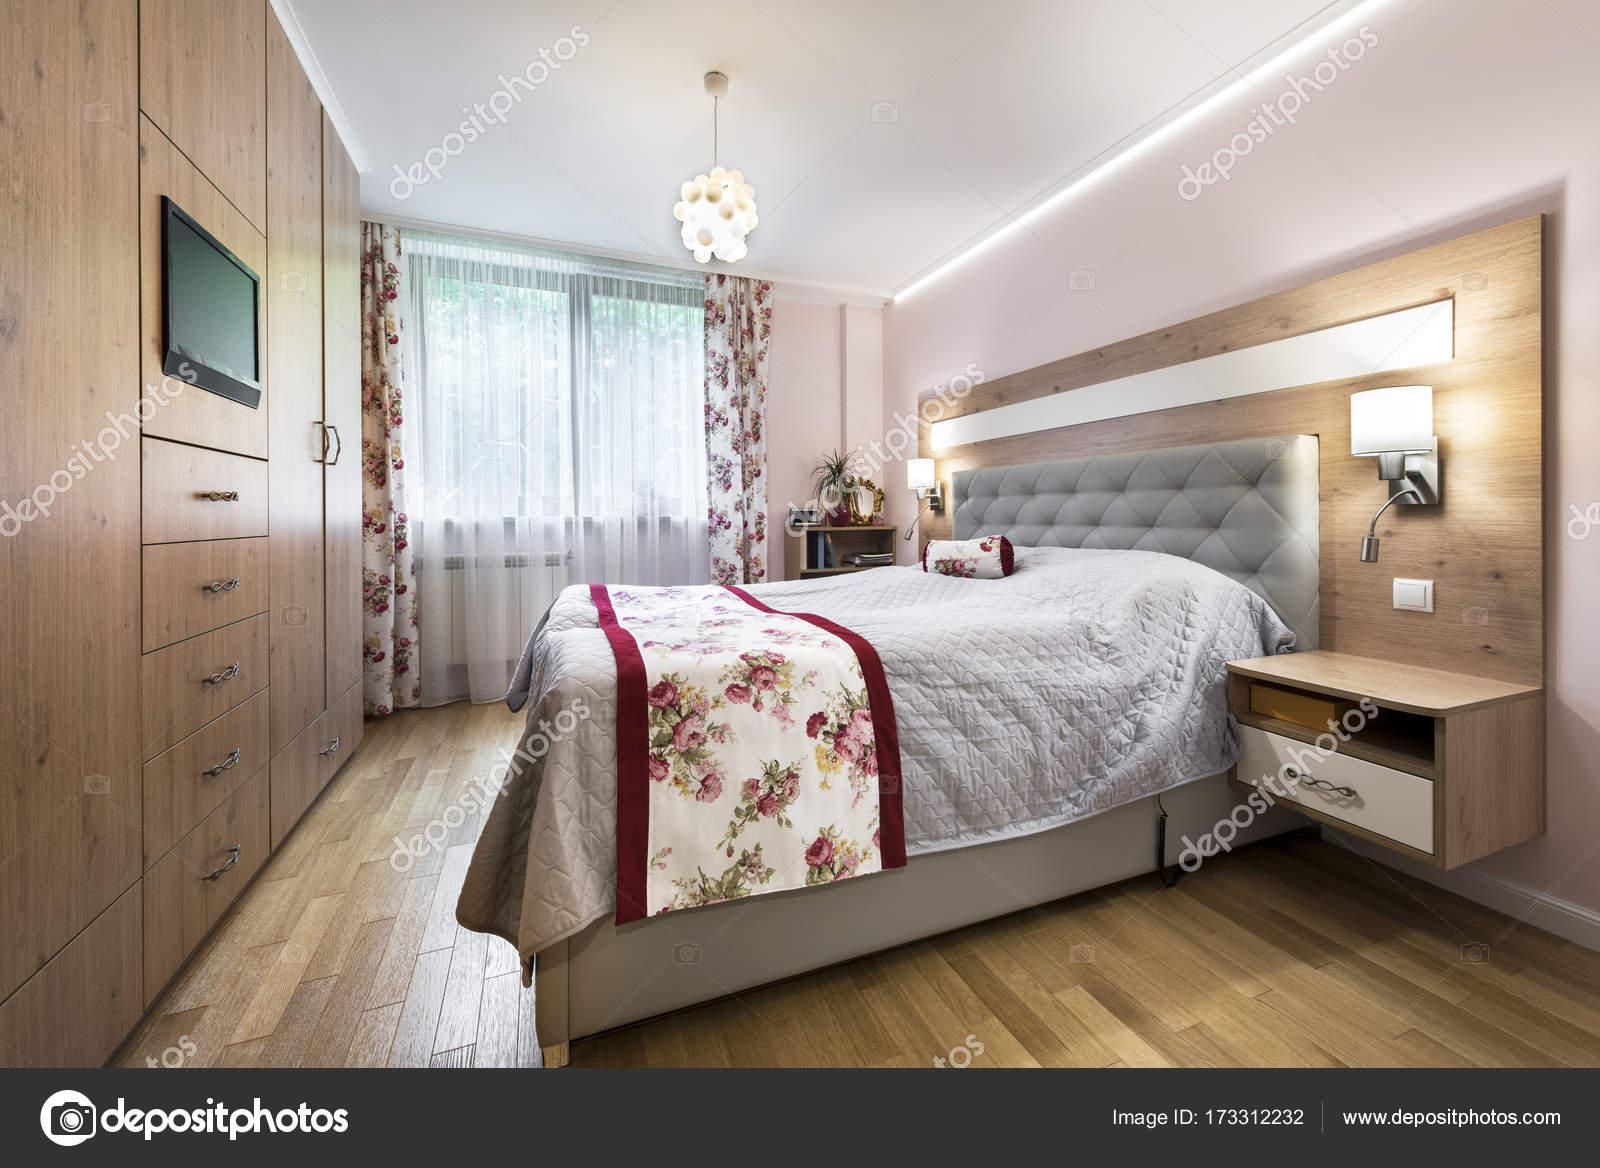 Diseño de interiores de dormitorios con estilo — Fotos de Stock ...